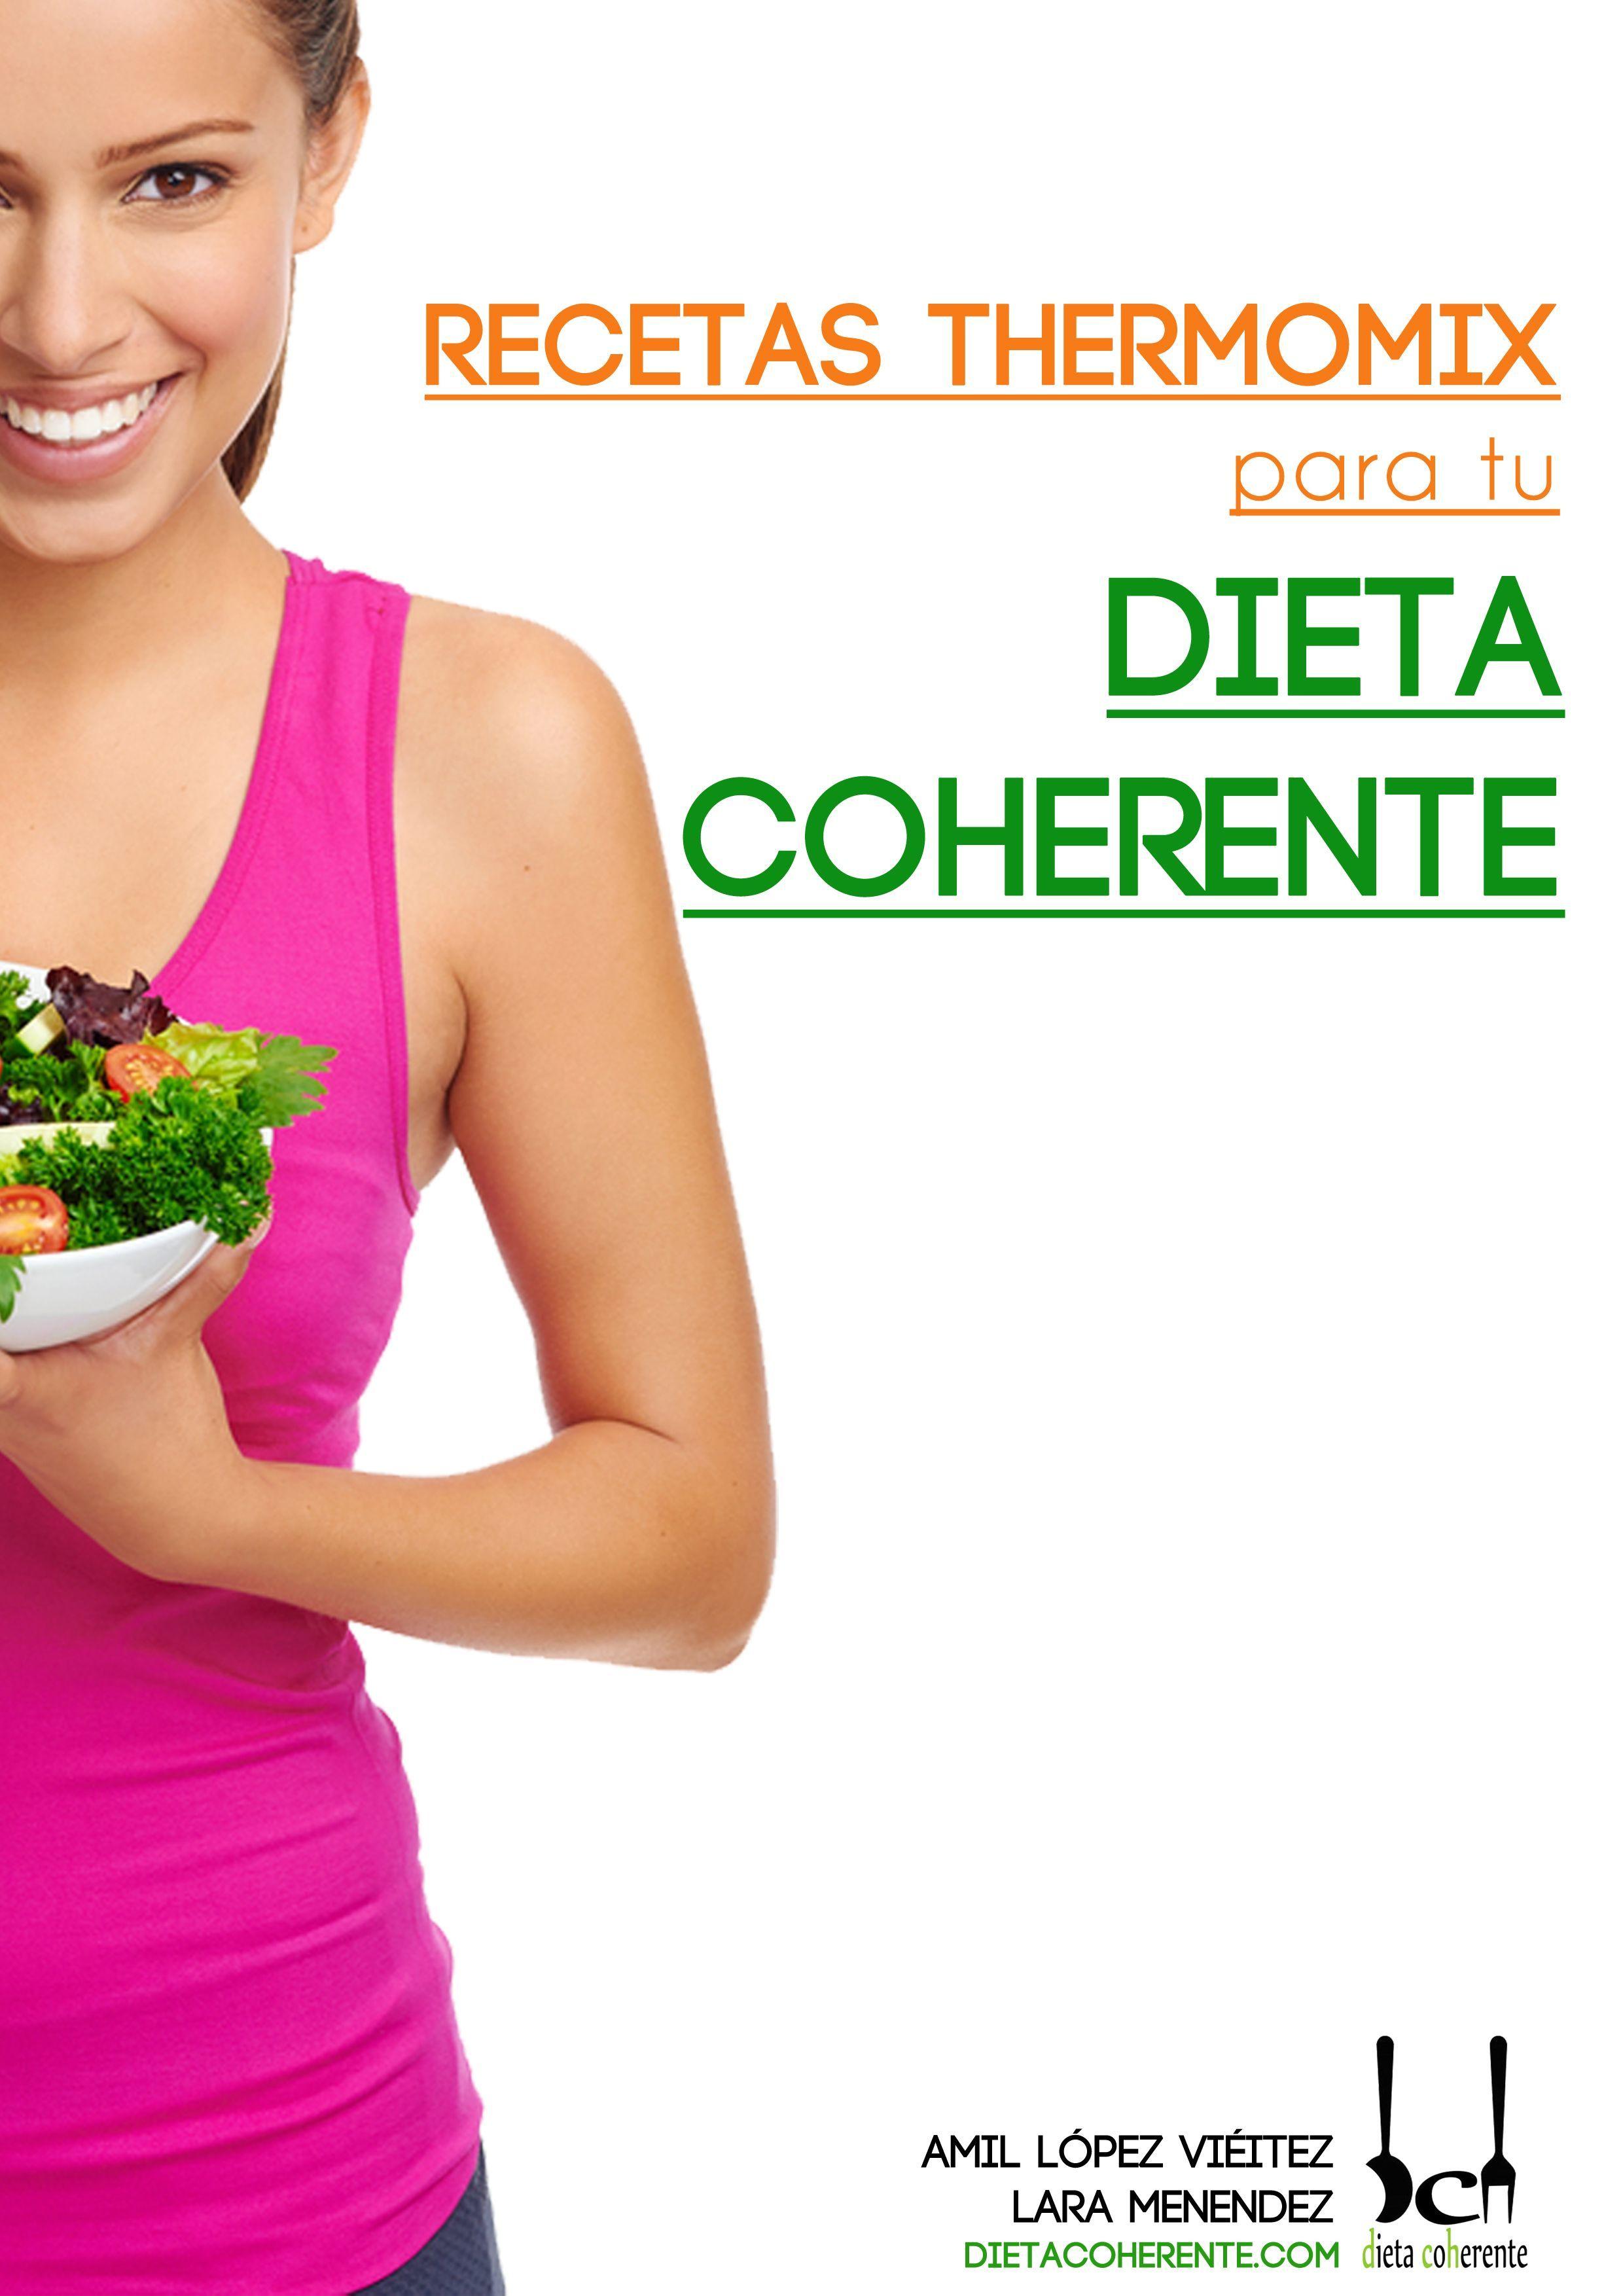 Este Es Uno De Nuestros últimos Libros En El Que Os Dejamos Recetas Coherentes Para Hacer Con La Thermomi Recetas Dieta Thermomix Recetas Dieta Dieta Coherente